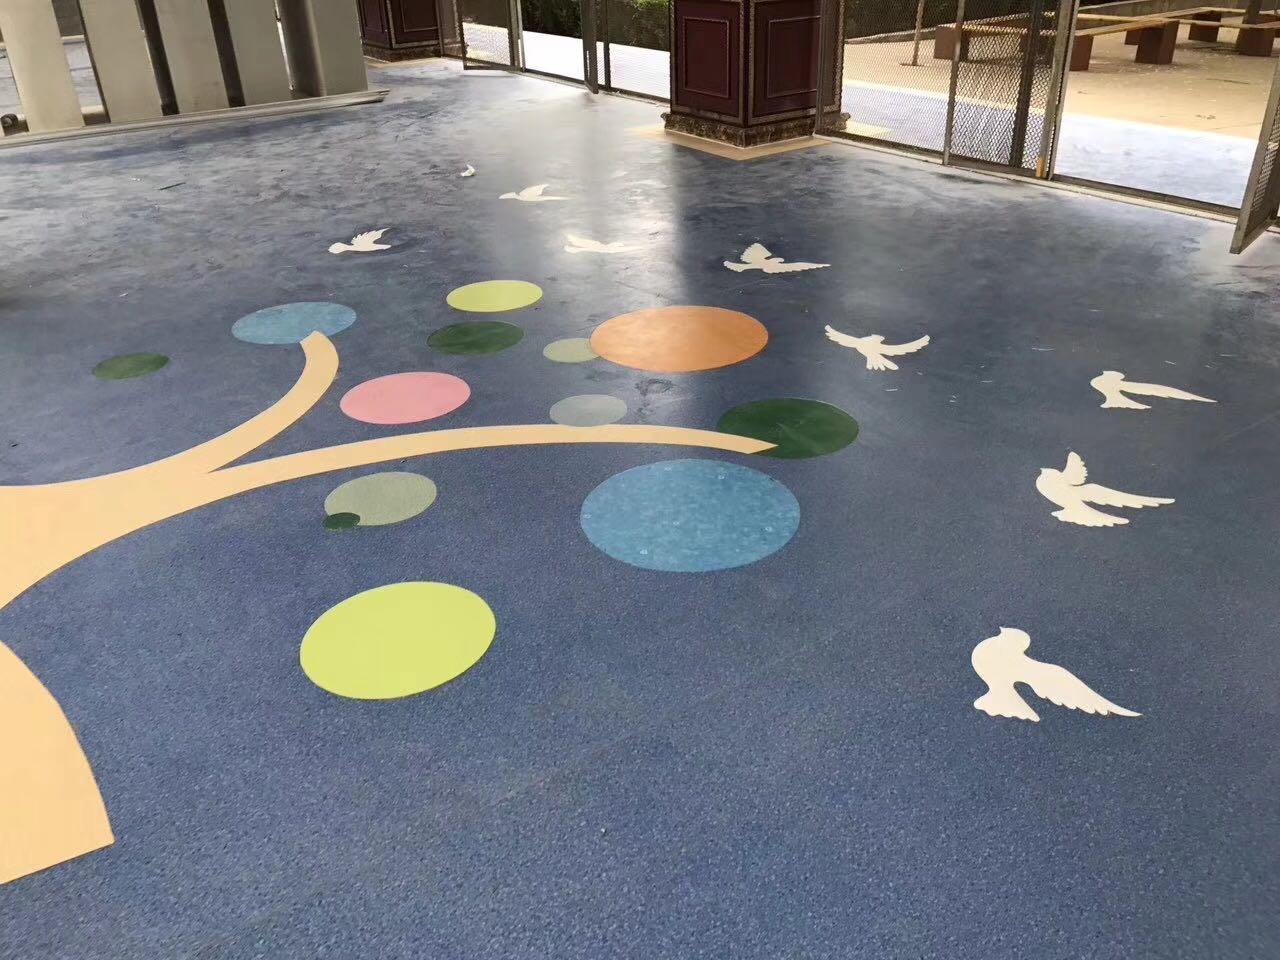 室内塑胶地板施工